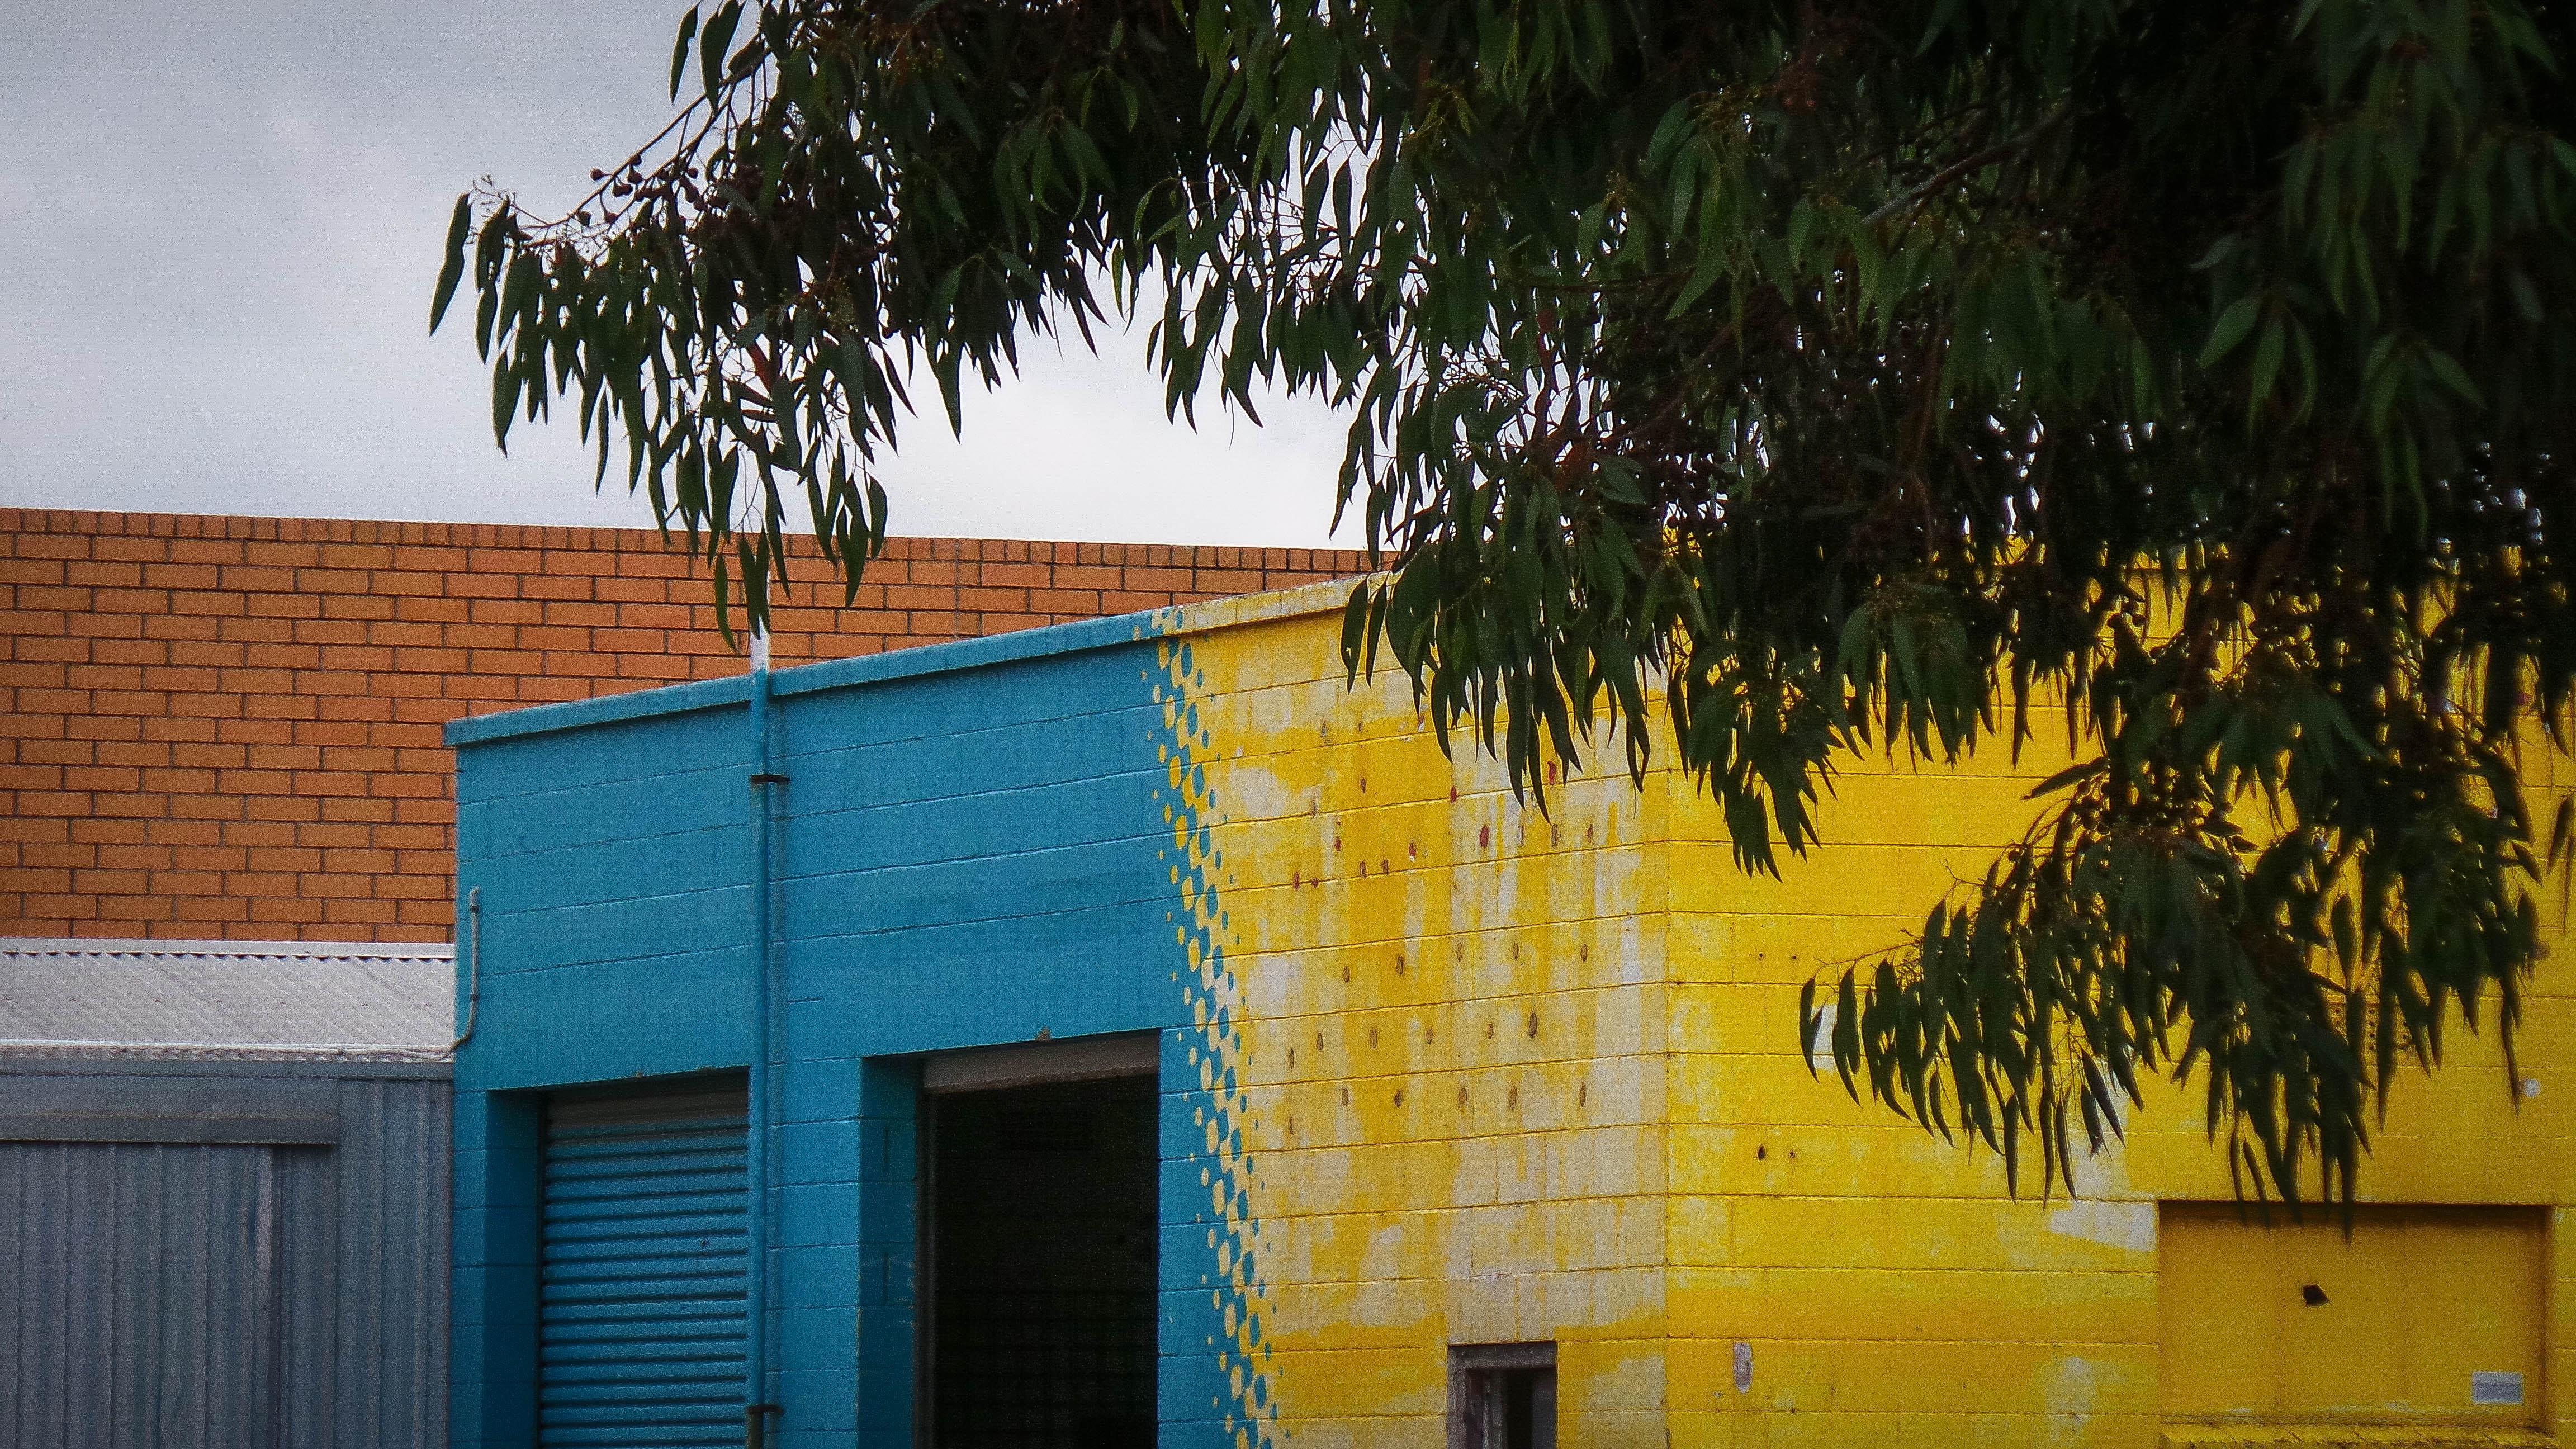 Tür Garage Haus hintergrundbilder blätter fenster die architektur gebäude